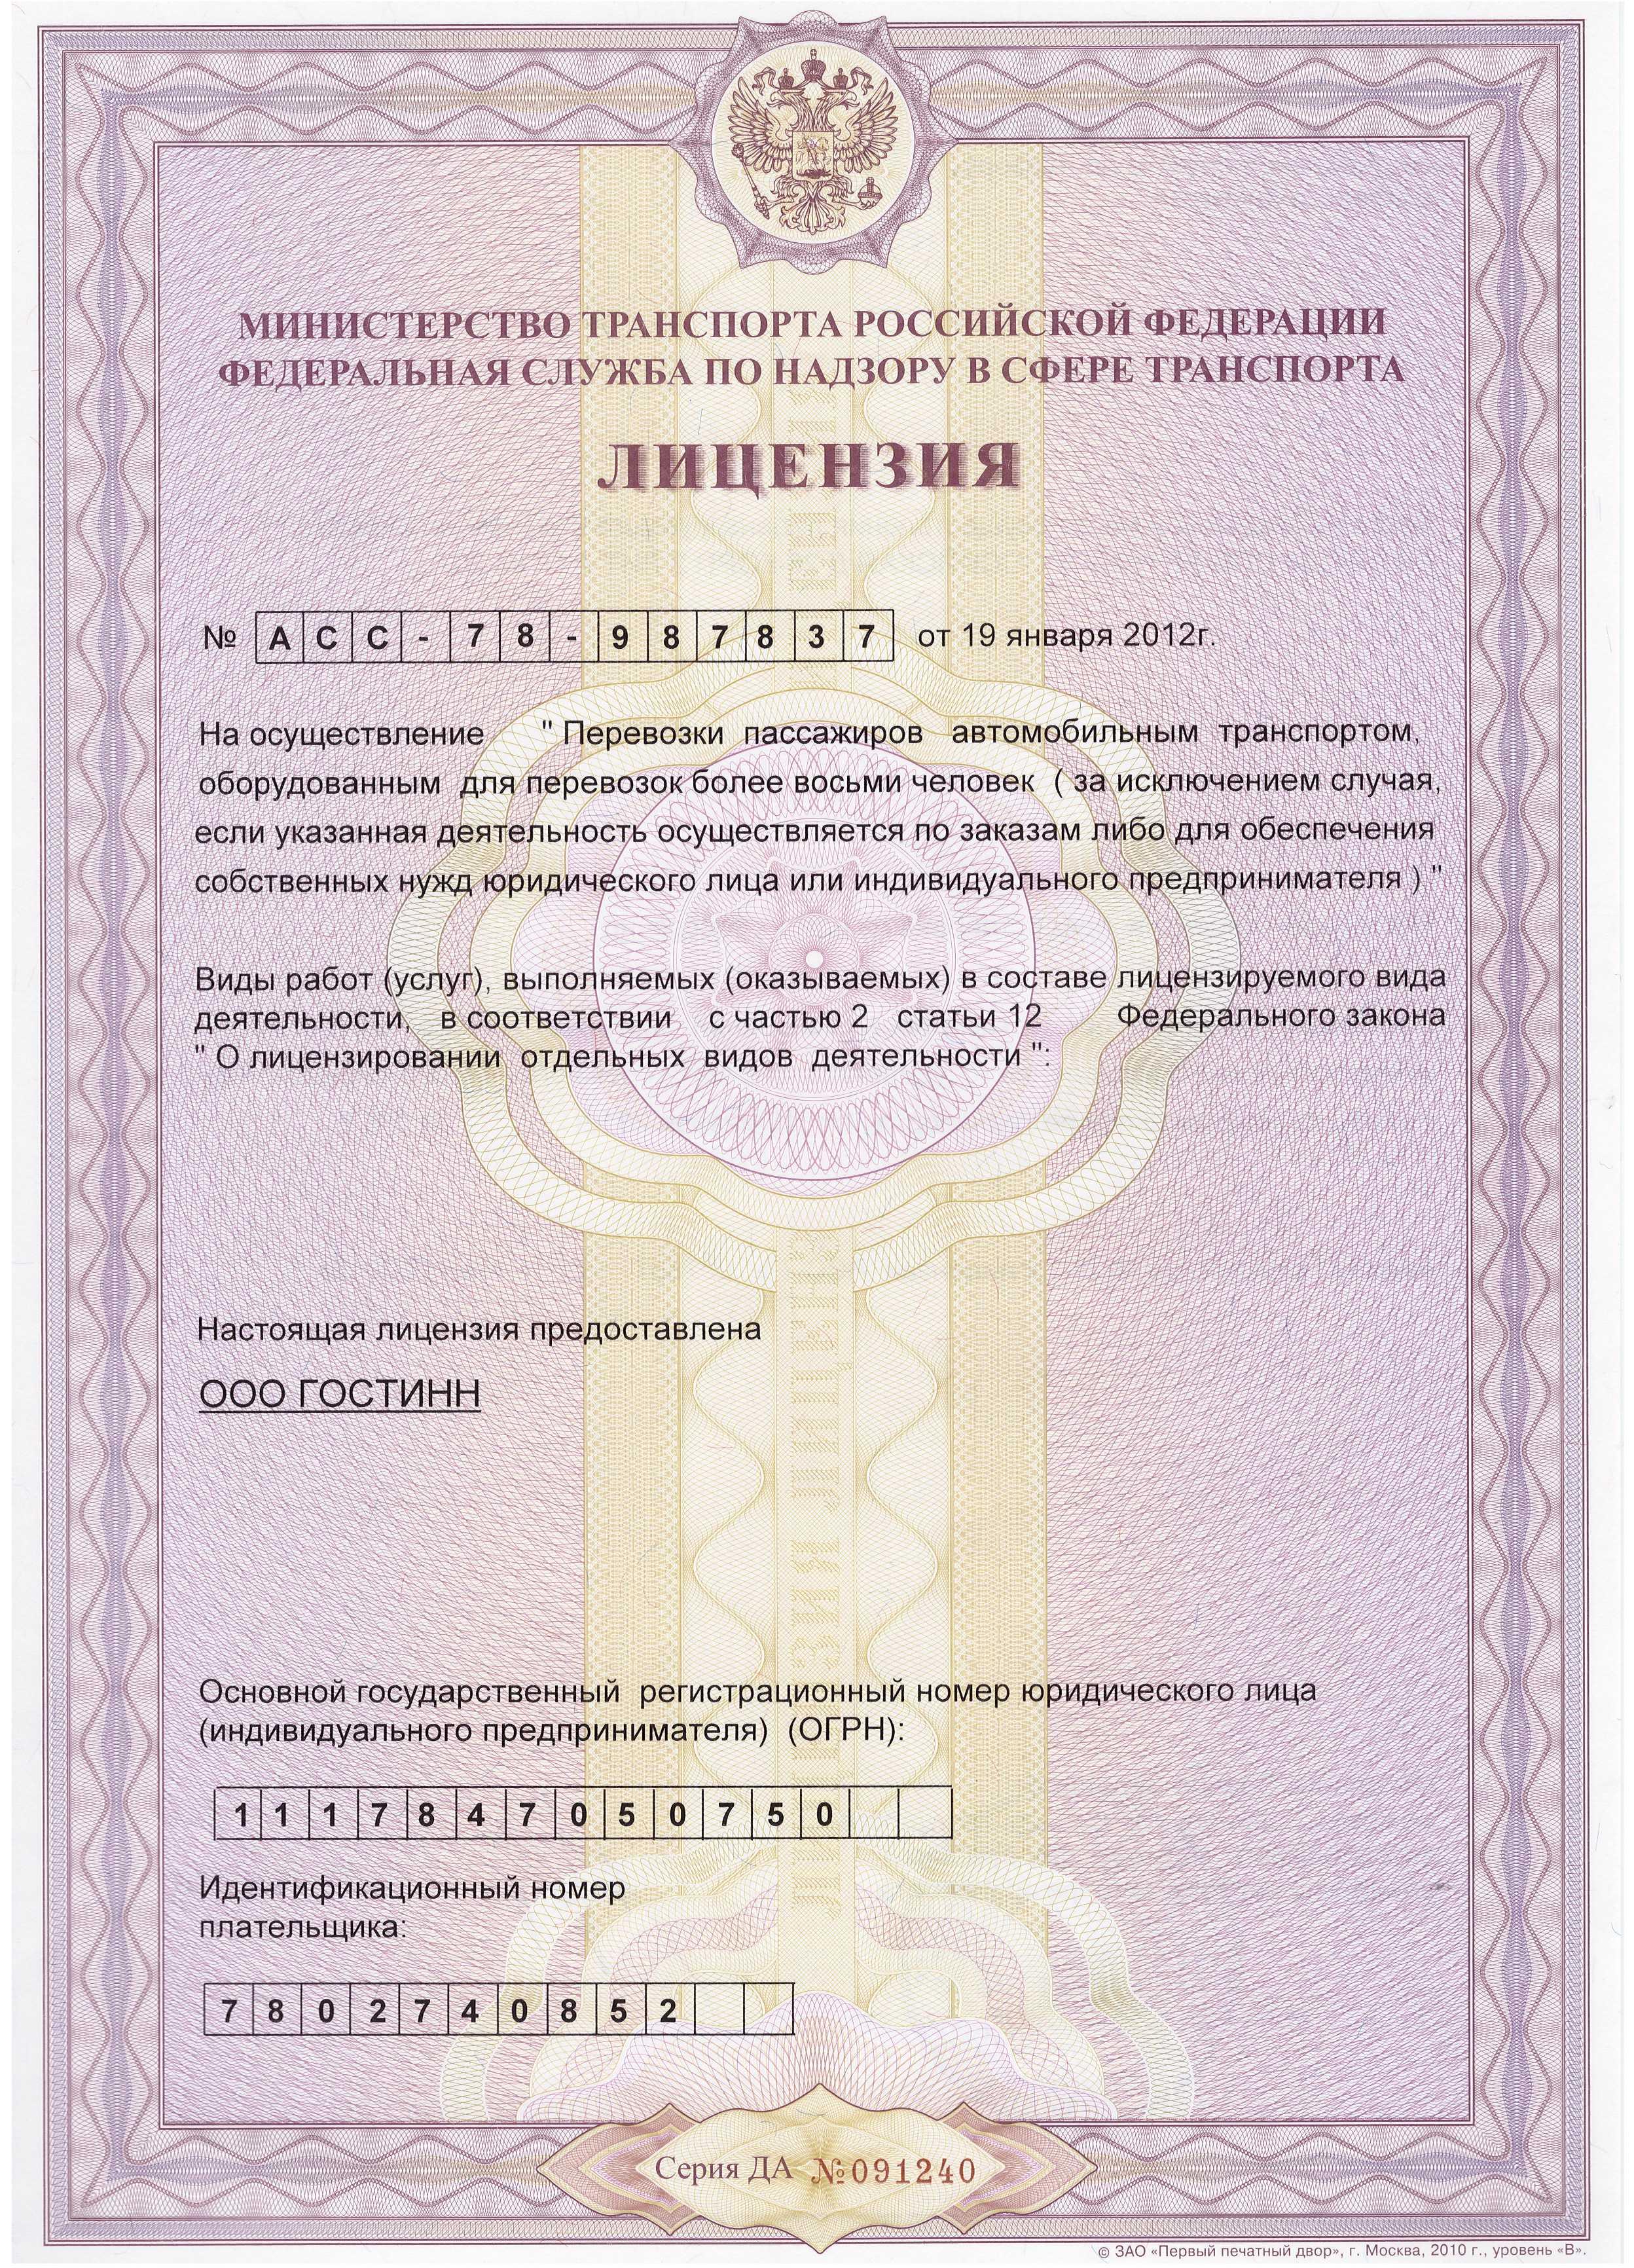 Лицензия на перевозку пассажиров Гостинн сторона 1